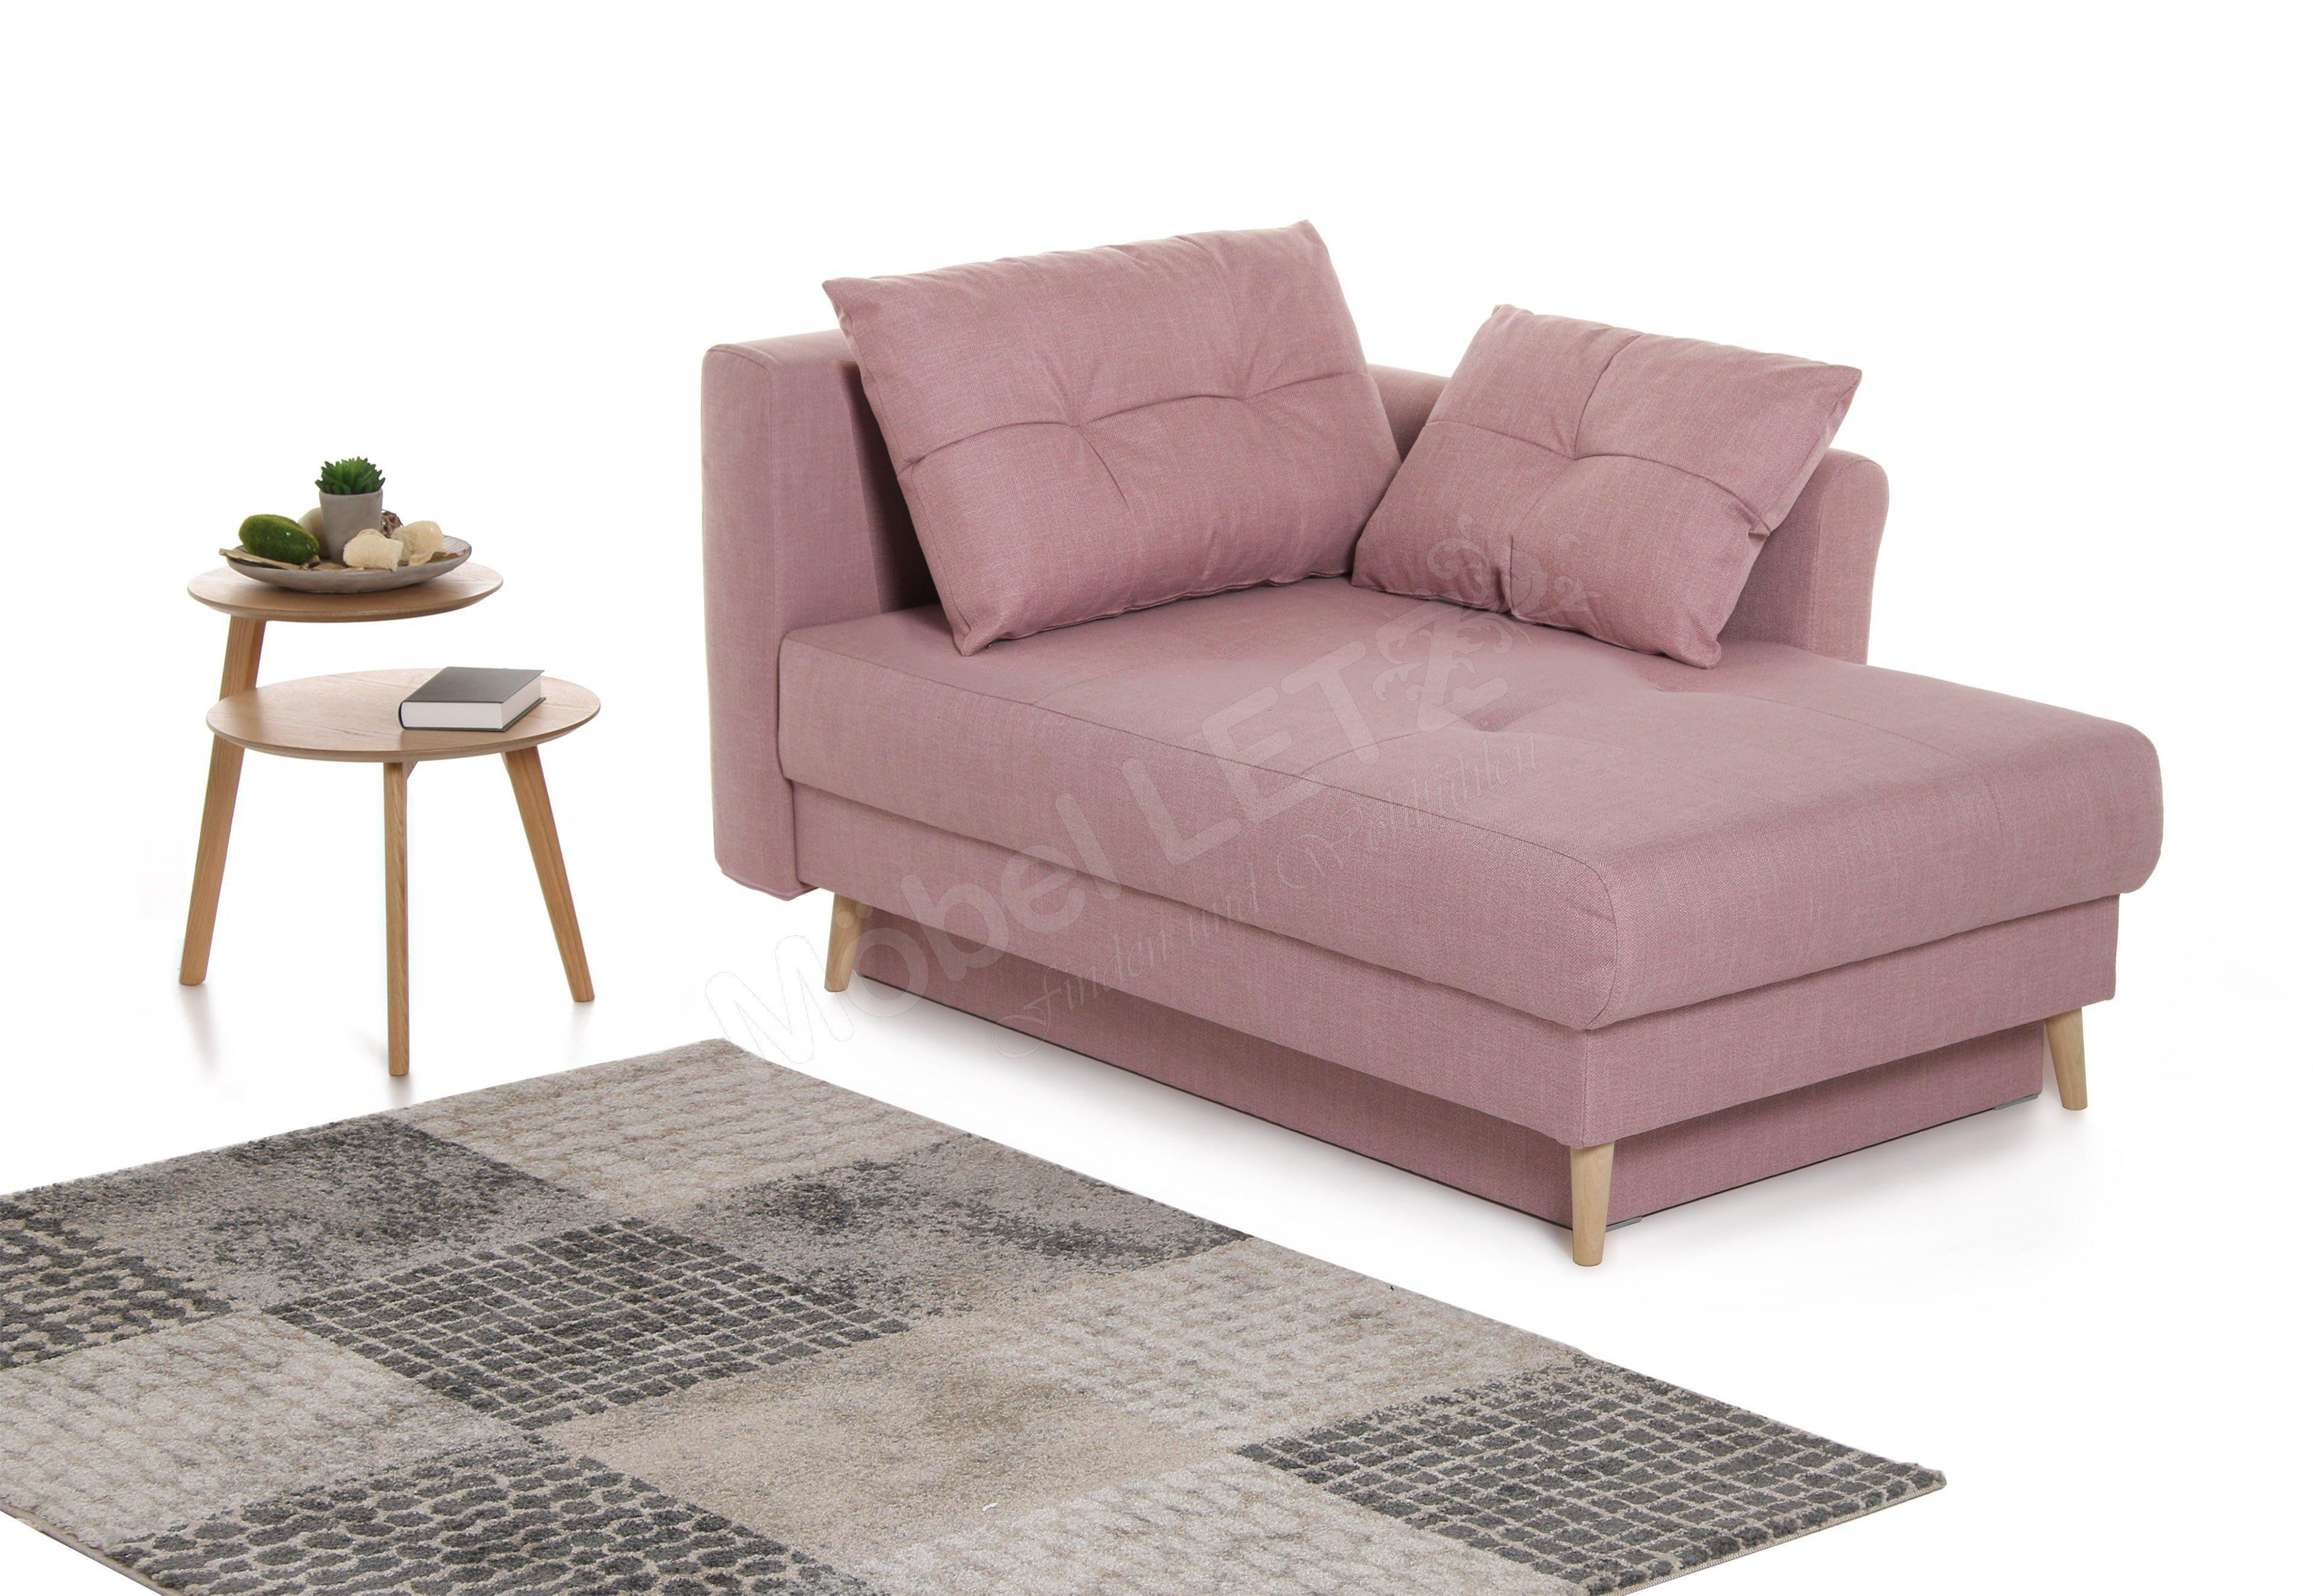 Schlafsofa jugendzimmer bunt  Restyl Schlafsofas | Möbel Letz – Ihr Online-Shop